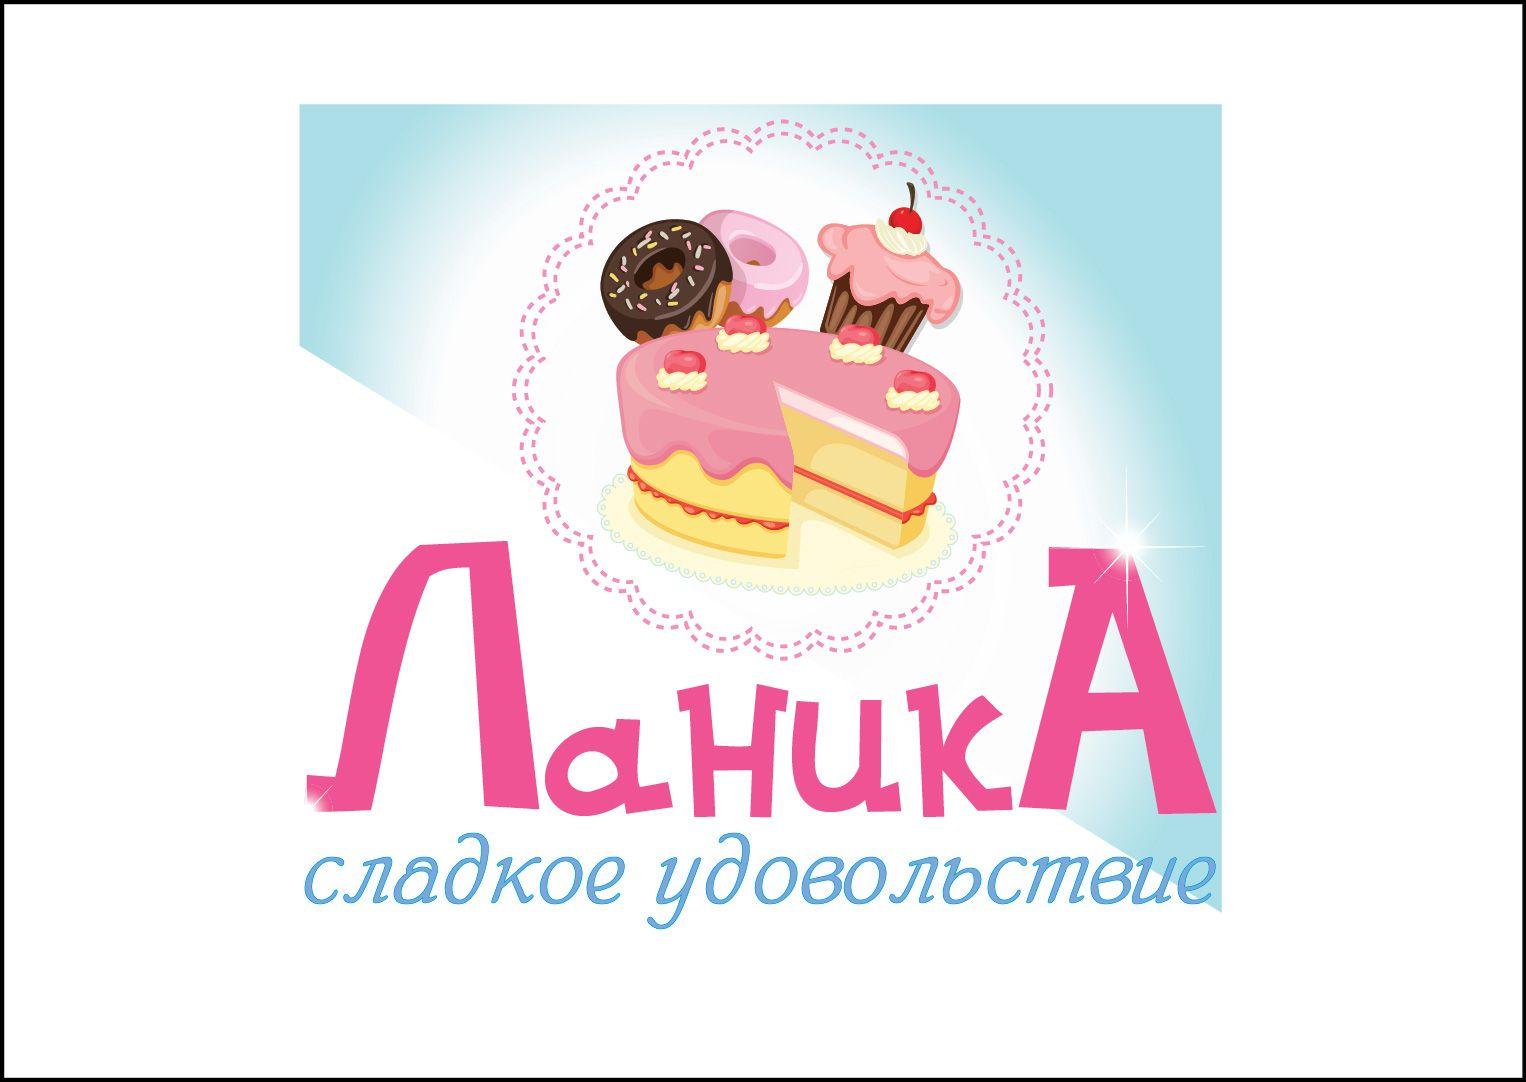 Лого ИМ тортов,пирожных и печенья ручной работы - дизайнер p1pS